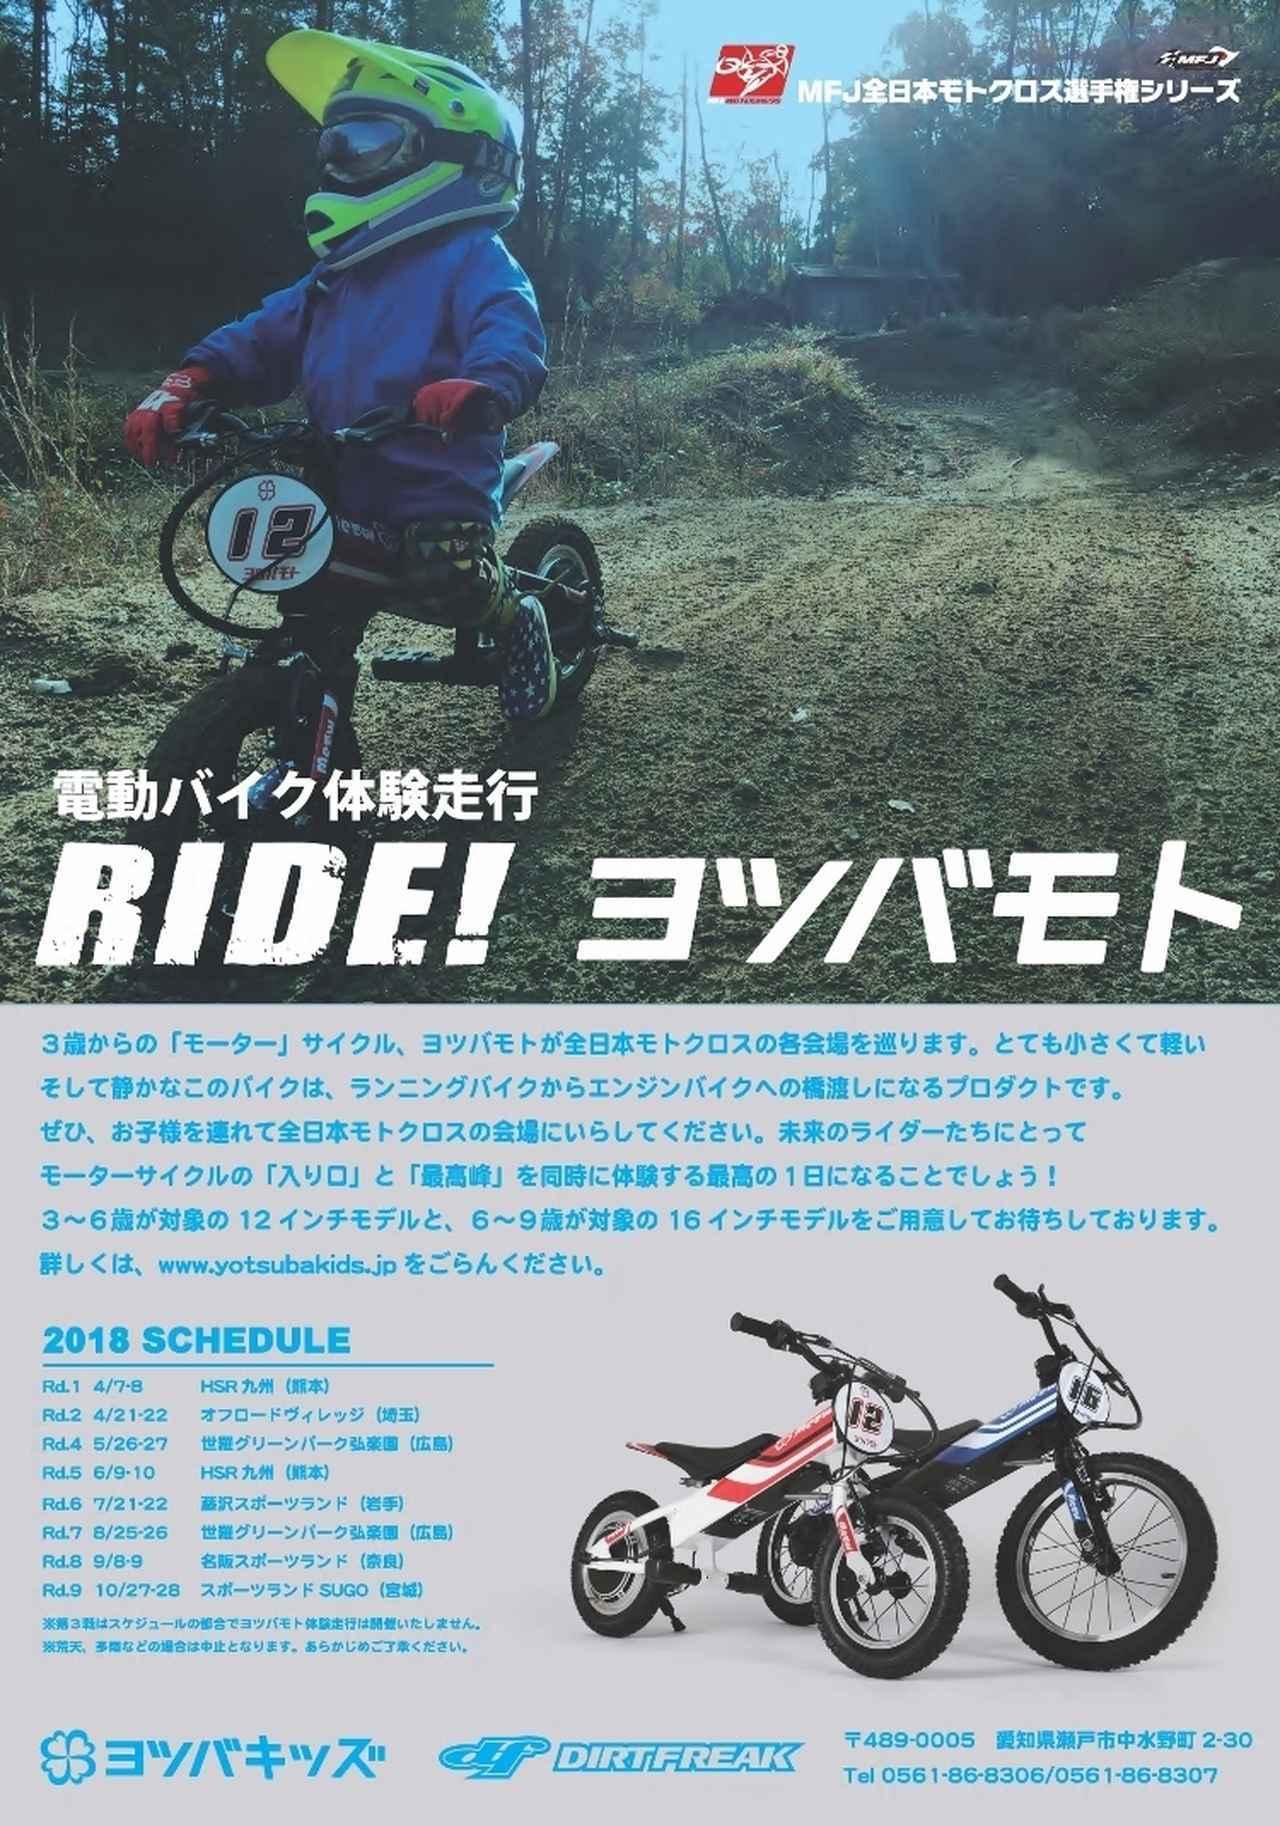 画像: 「ヨツバモト」の体験走行会を全日本モトクロスの会場で開催